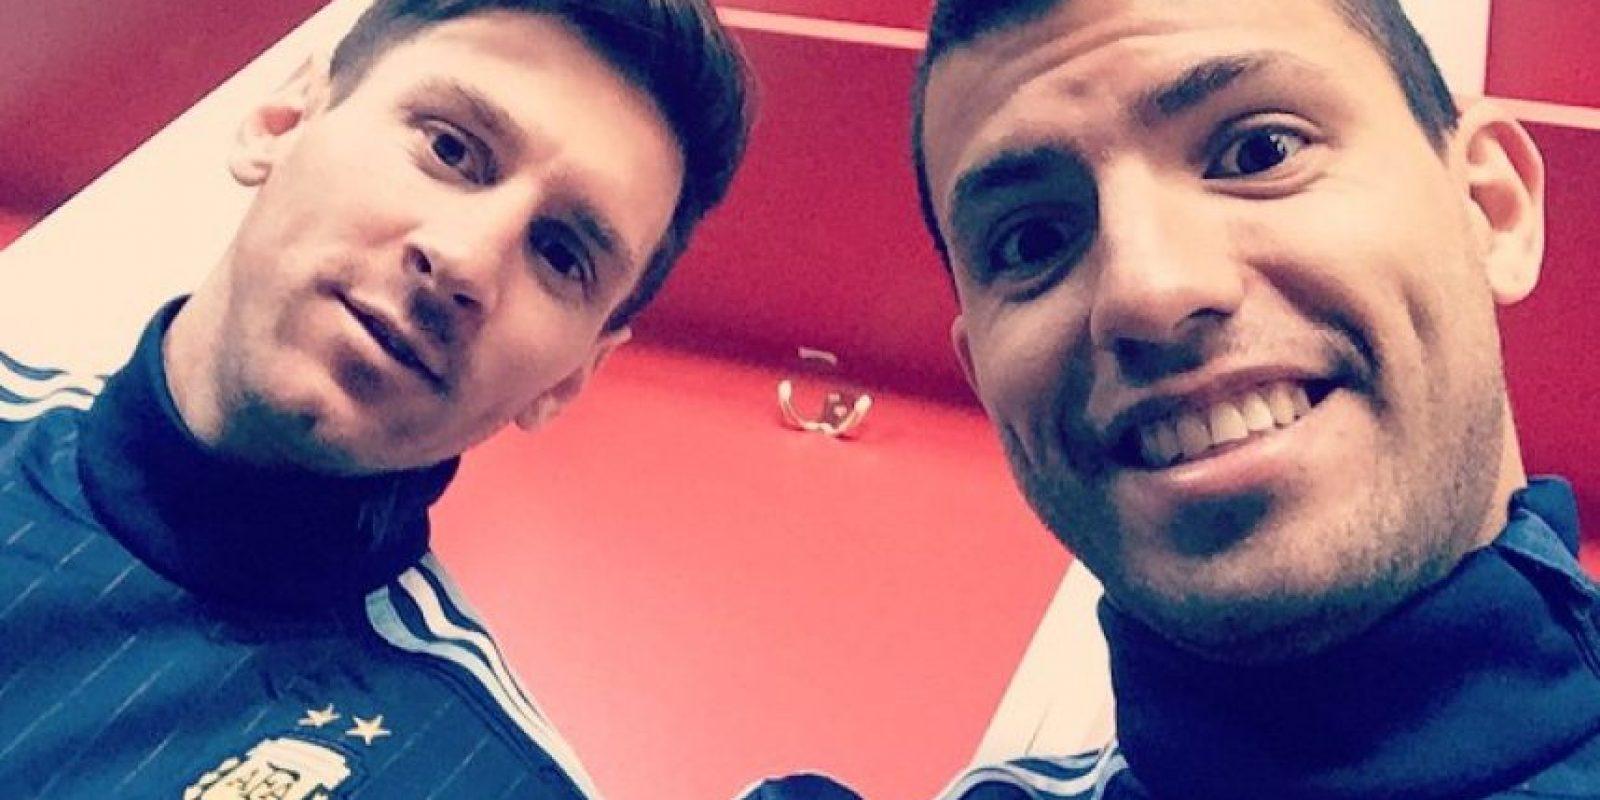 """El """"Kun"""" Agüero, uno de los más seguidos, no ha compartido muchas fotos de la concentración, por ejemplo este selfie con Messi. Foto:Vía instagram.com/aguerosergiokun16"""